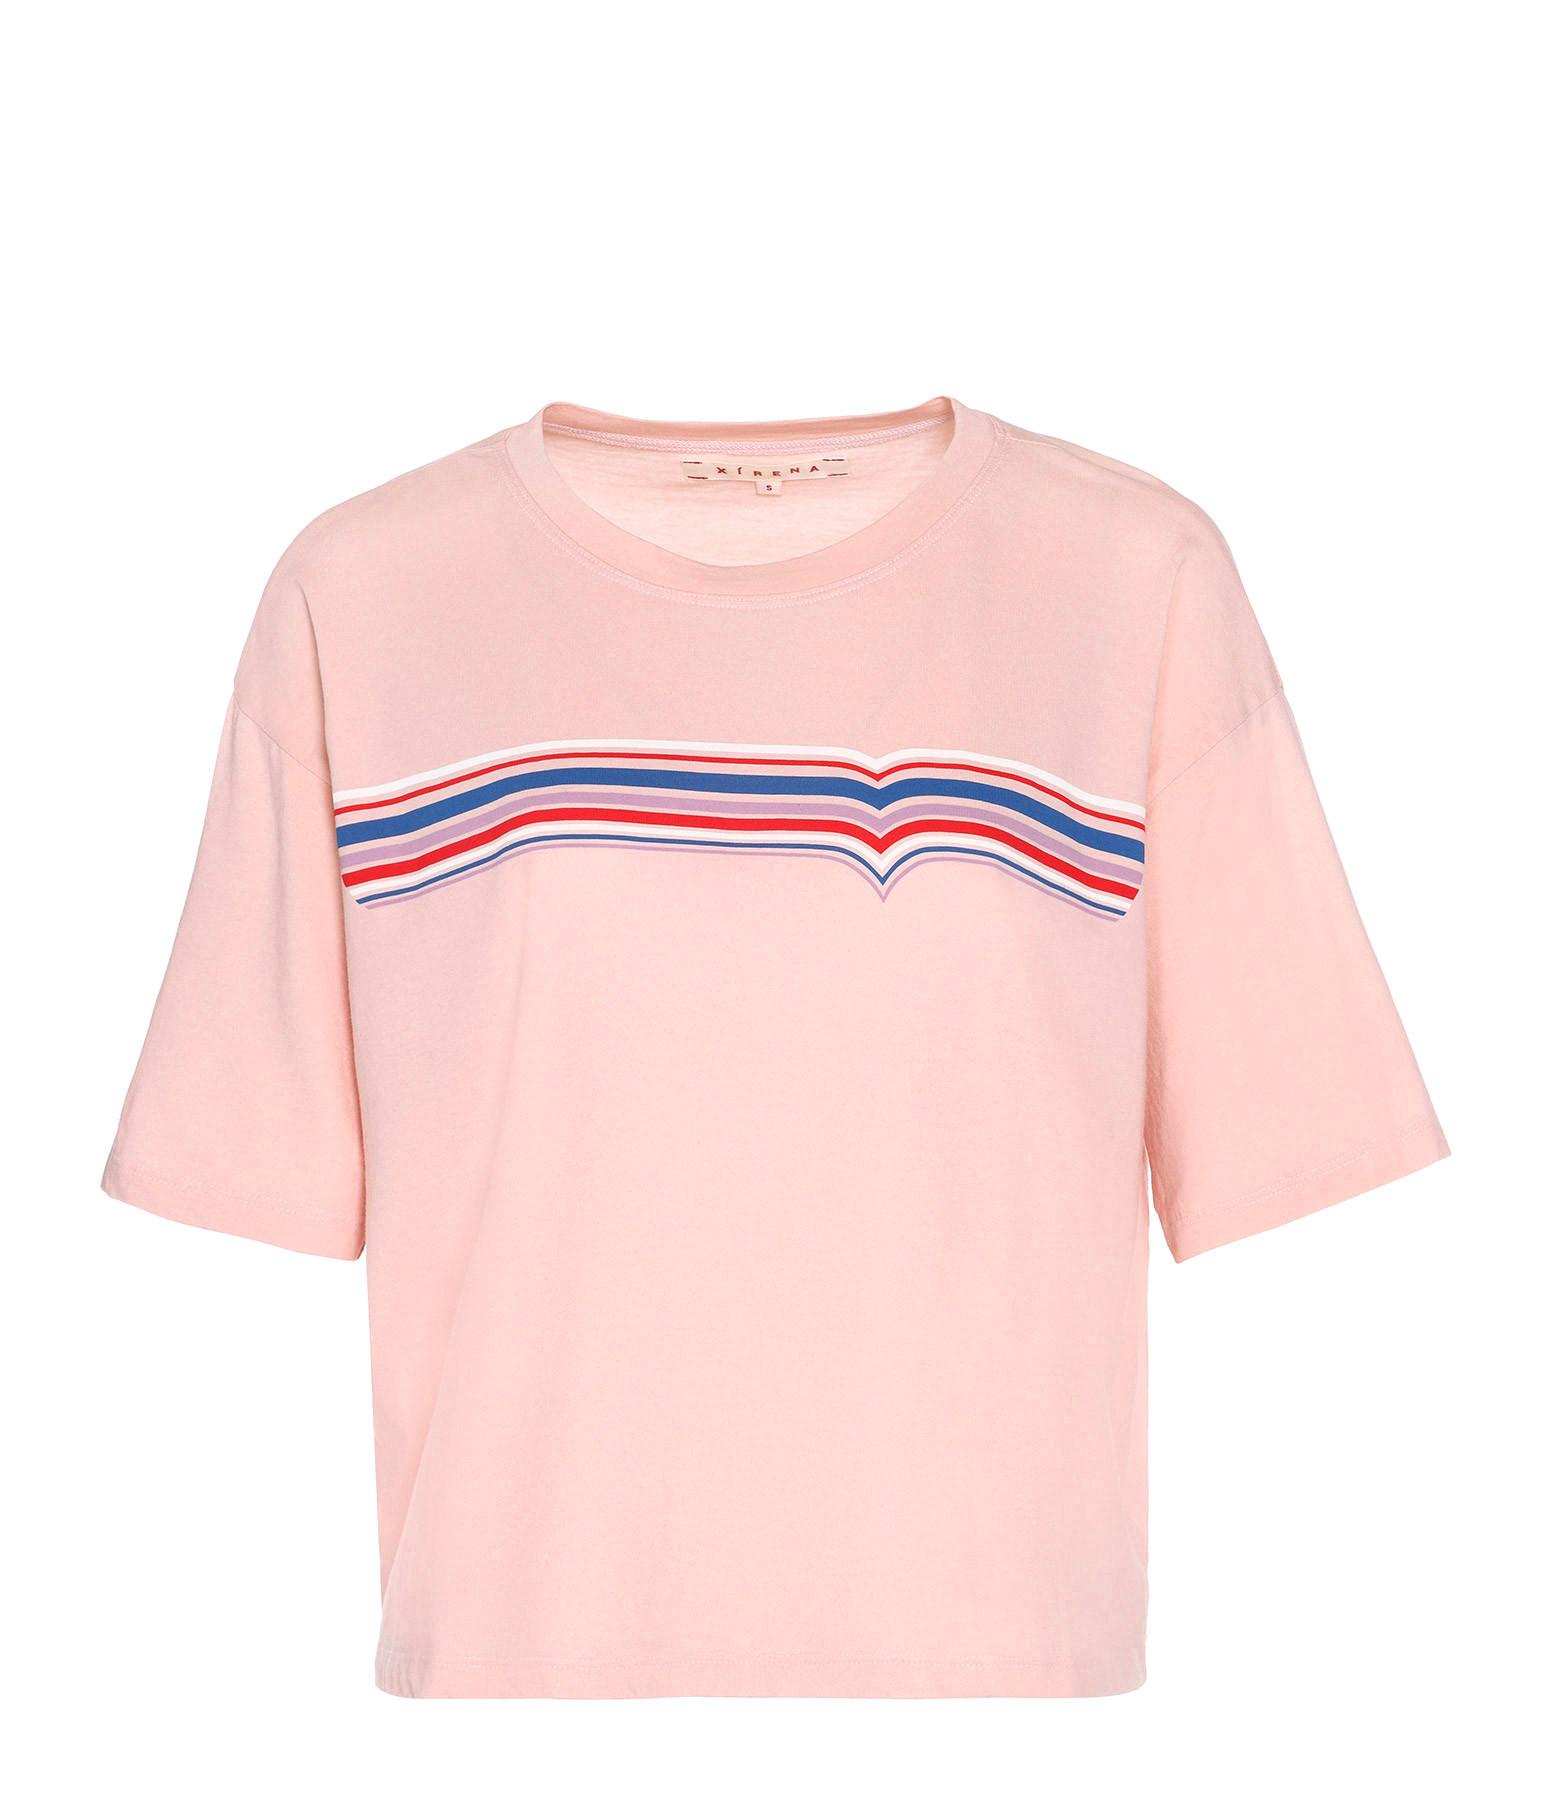 XIRENA - Tee-shirt Jess Sable Rose